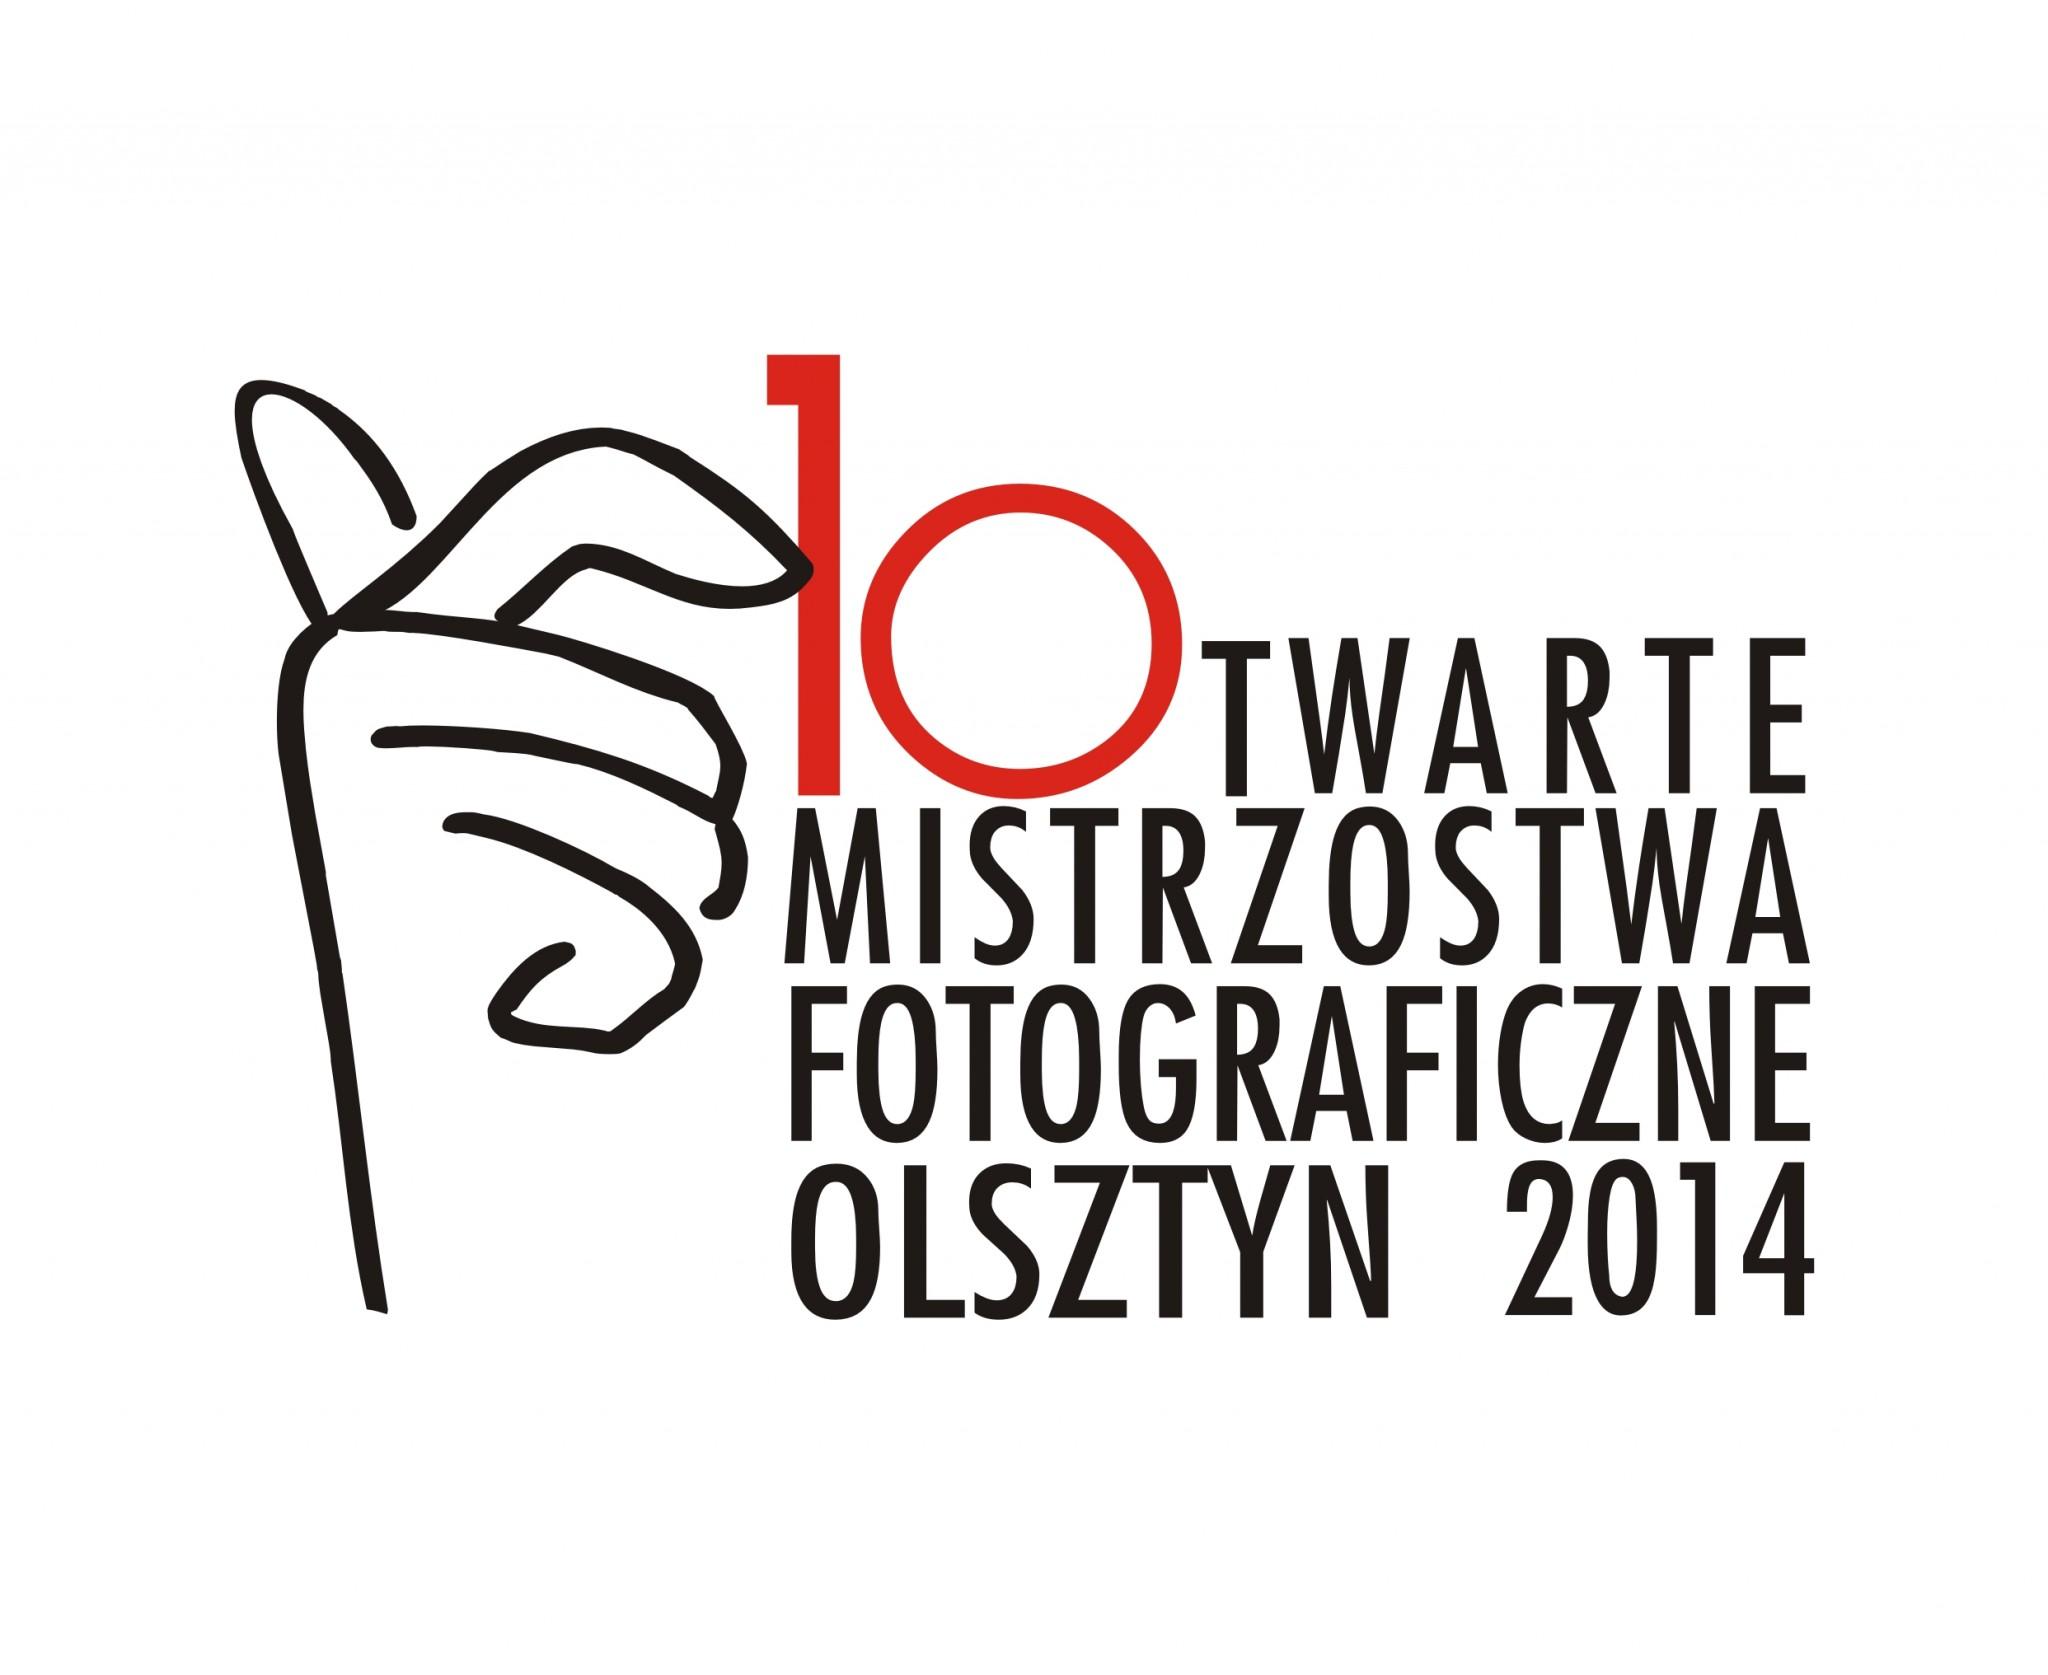 Otwarte Mistrzostwa Fotograficzne 2014